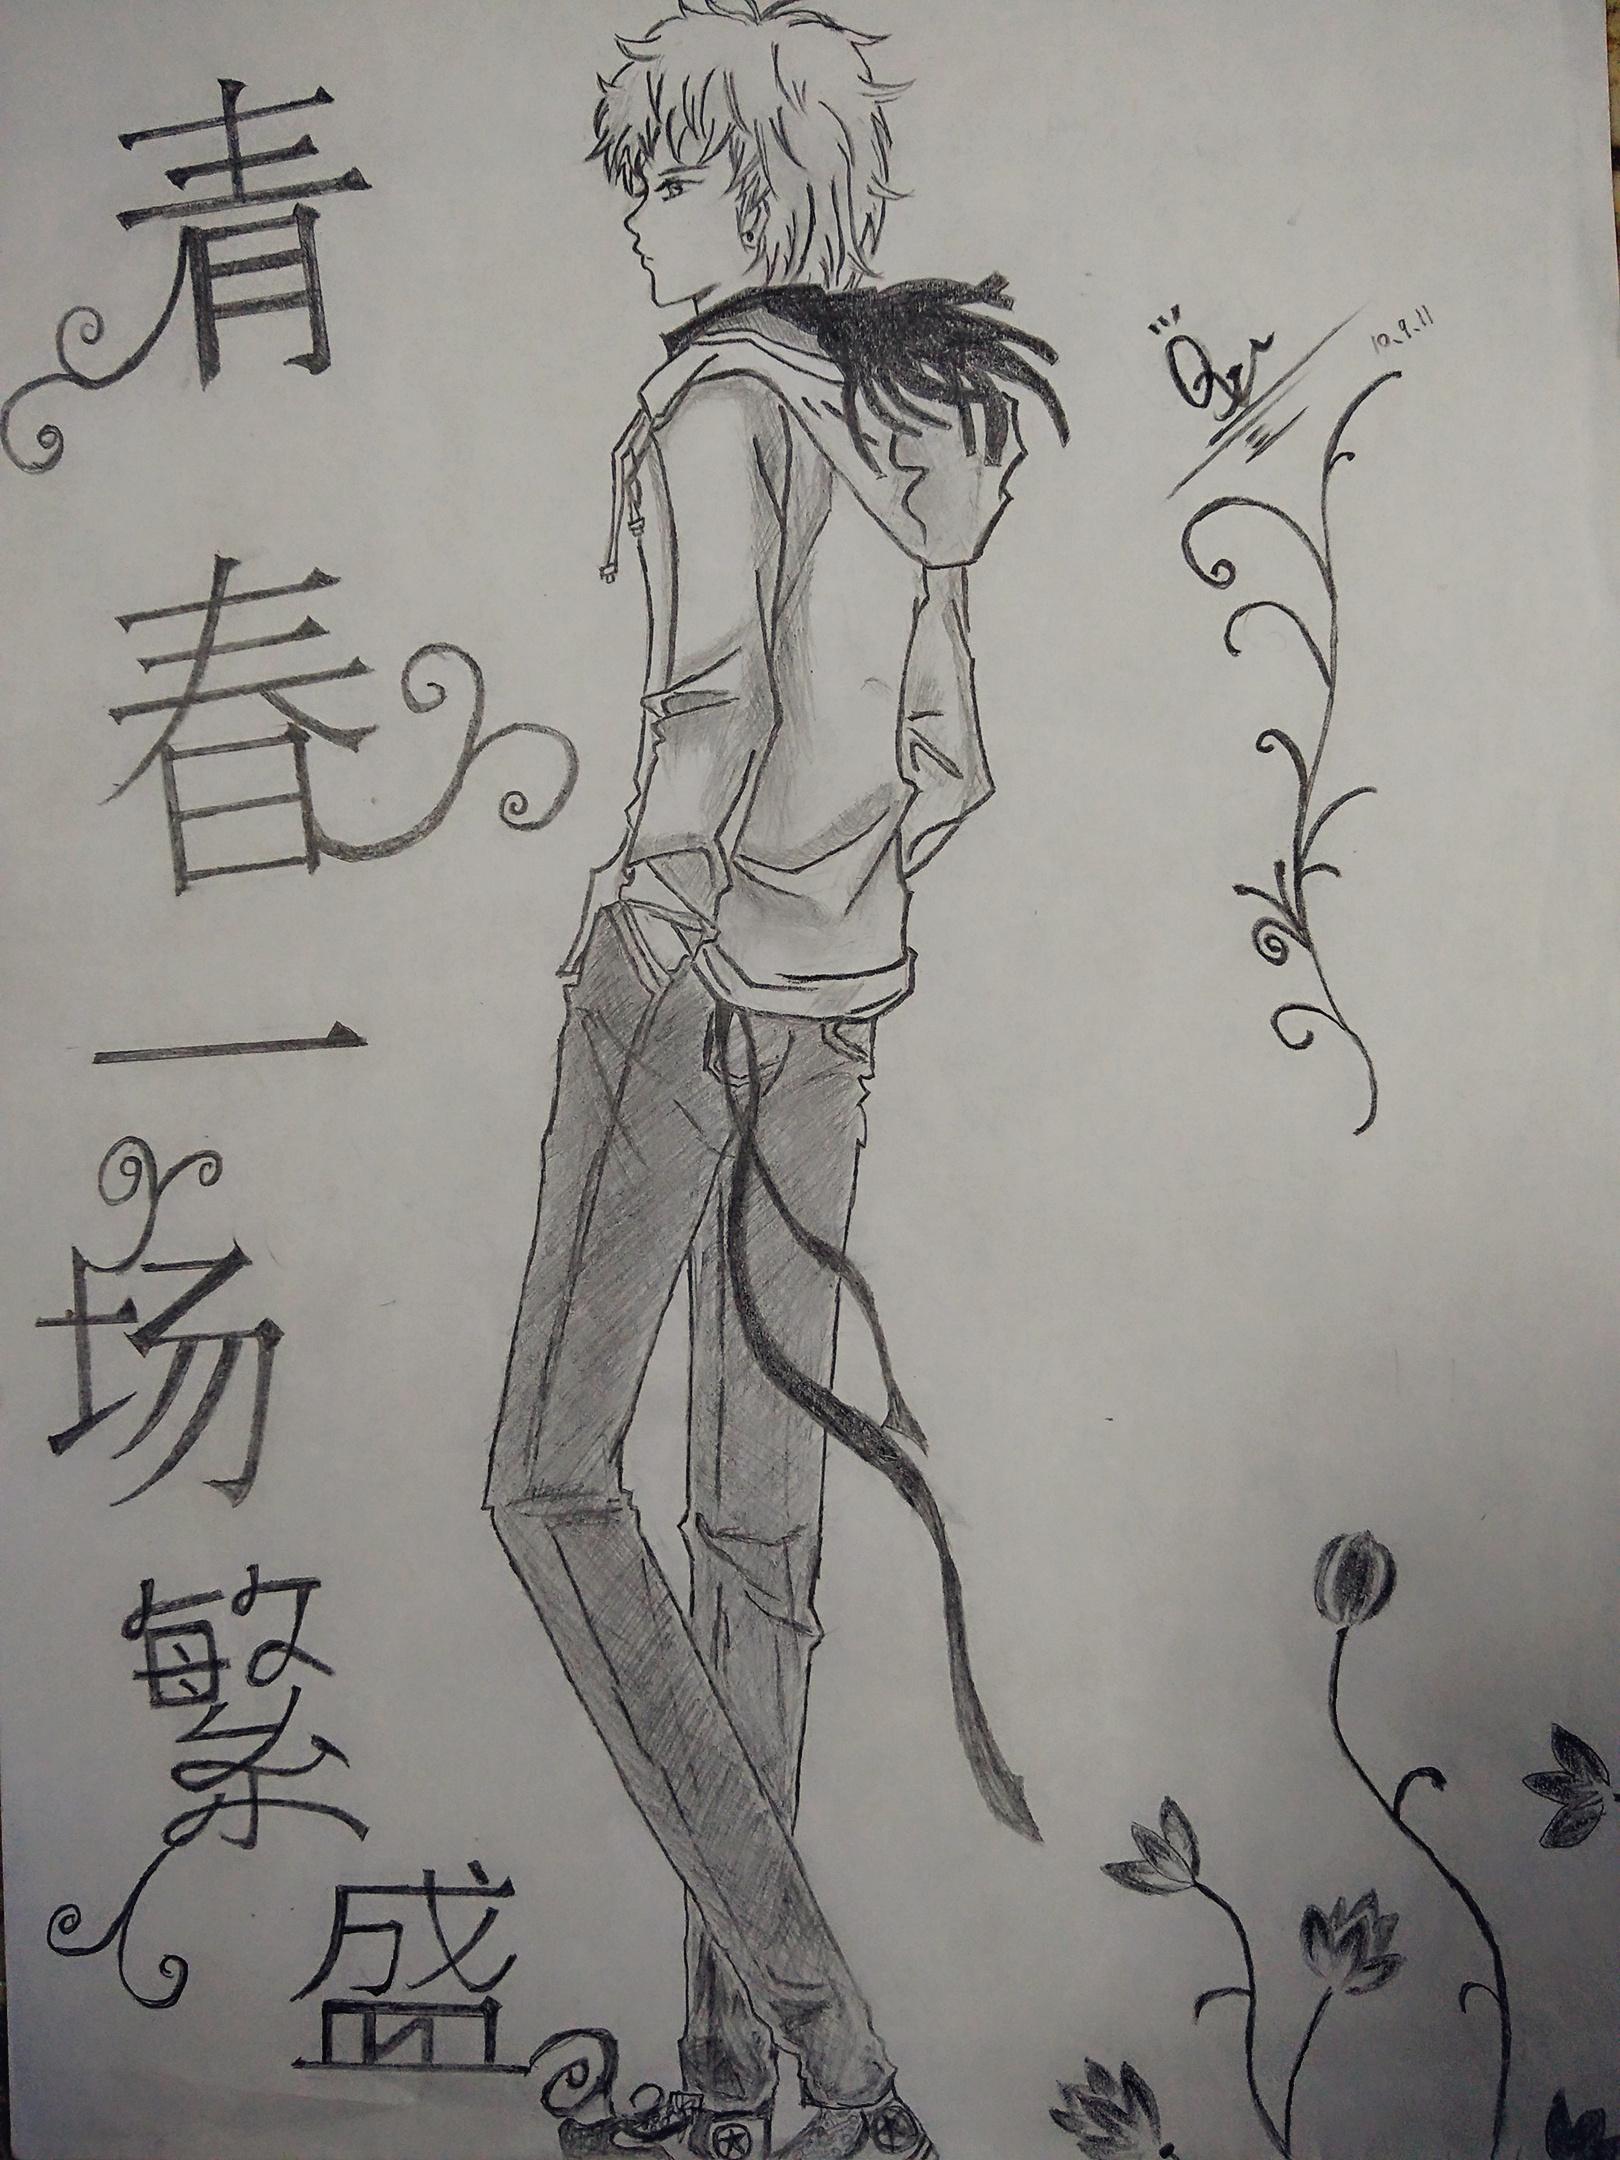 手绘动漫|动漫|单幅漫画|q晓j - 原创作品 - 站酷